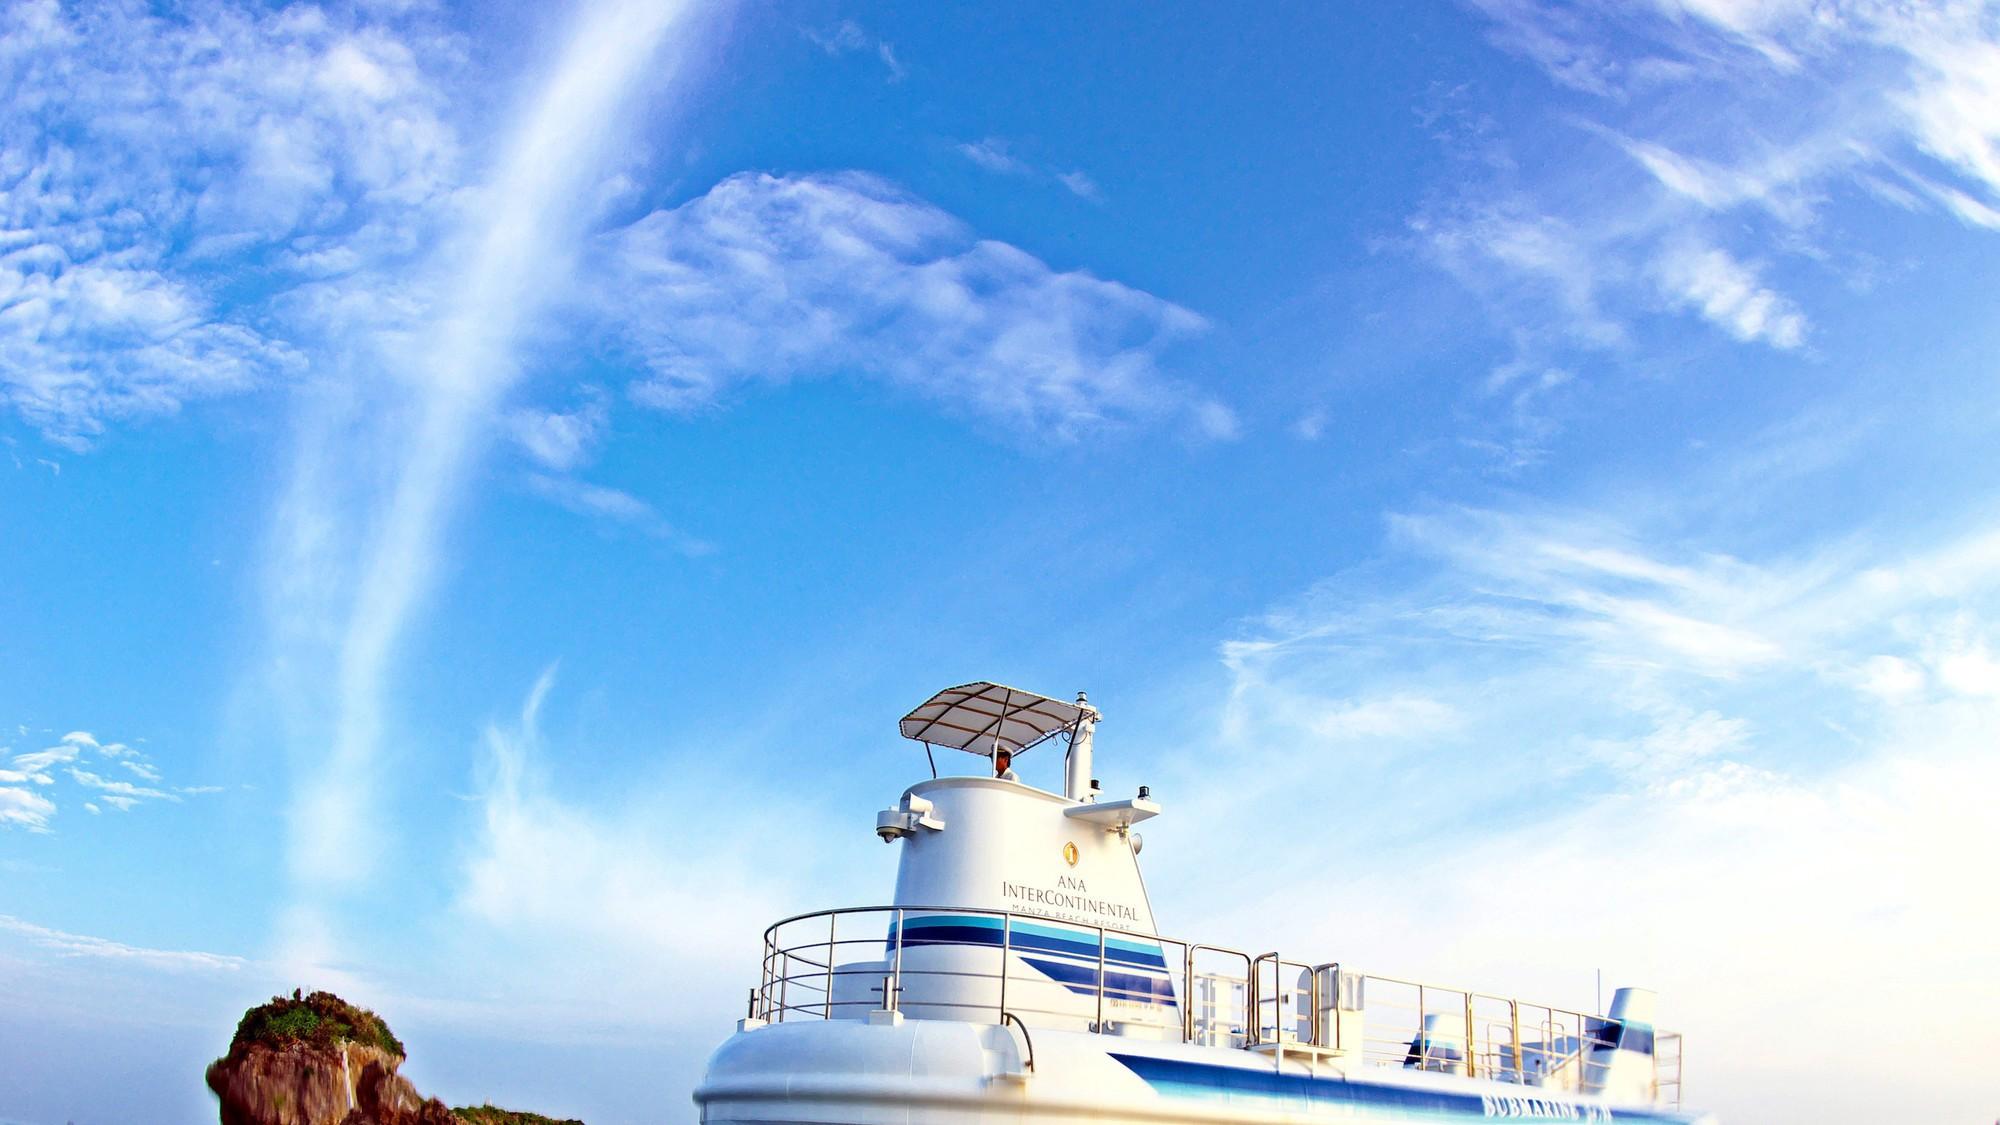 【マリンレジャー】お子様も楽しめる海中展望船サブマリンJr.2乗船券付き(朝食付)